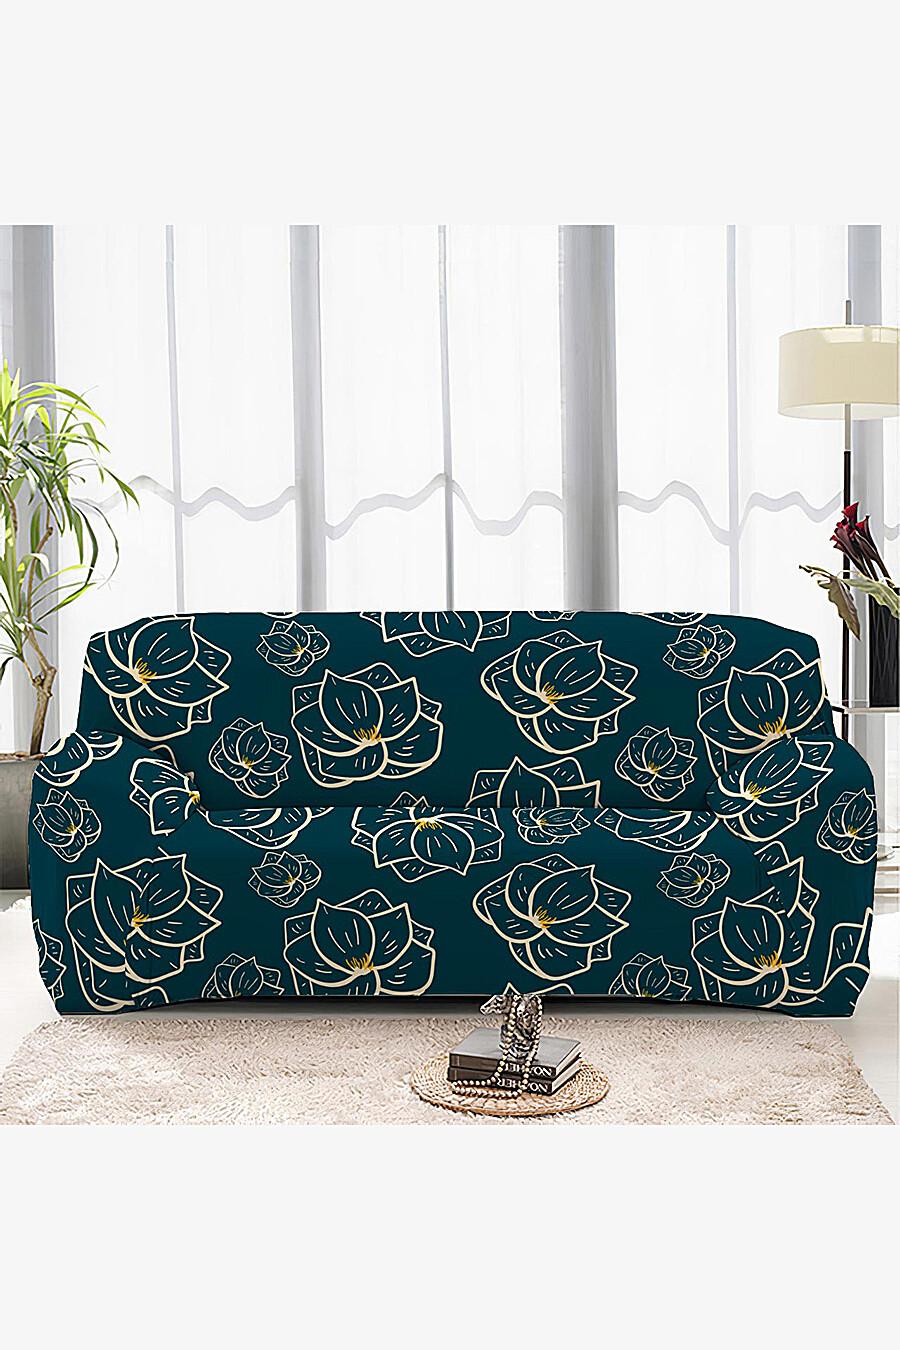 Чехол на диван для дома ART HOME TEXTILE 162885 купить оптом от производителя. Совместная покупка товаров для дома в OptMoyo